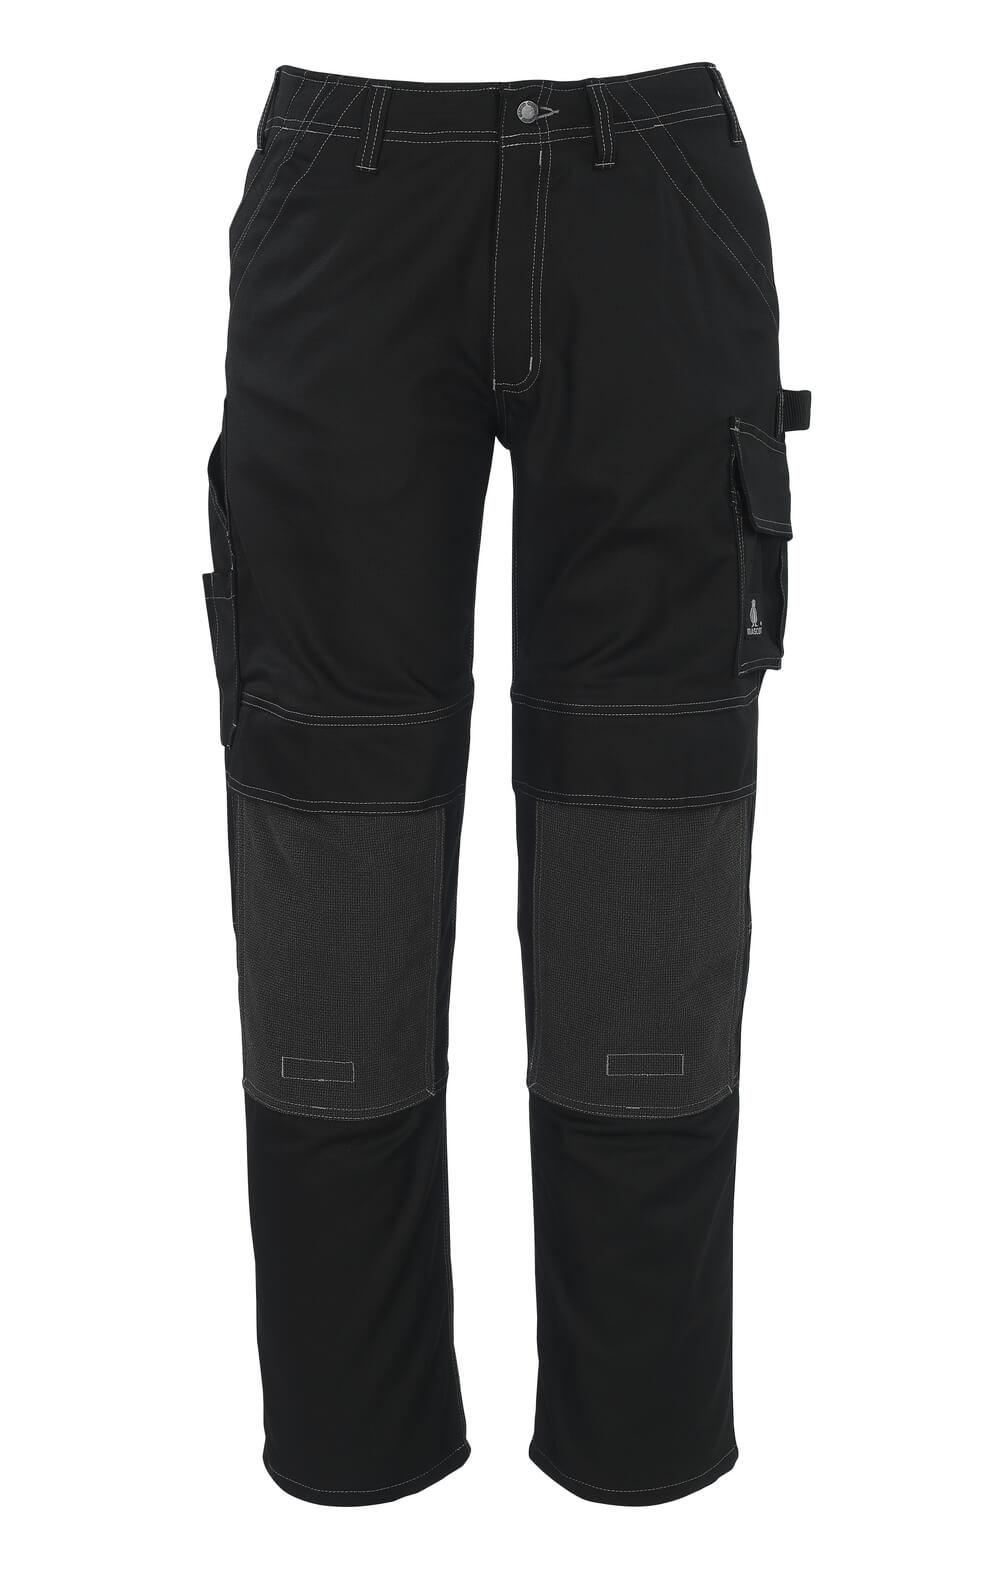 05079-010-09 Spodnie z kieszeniami na kolanach - czerń